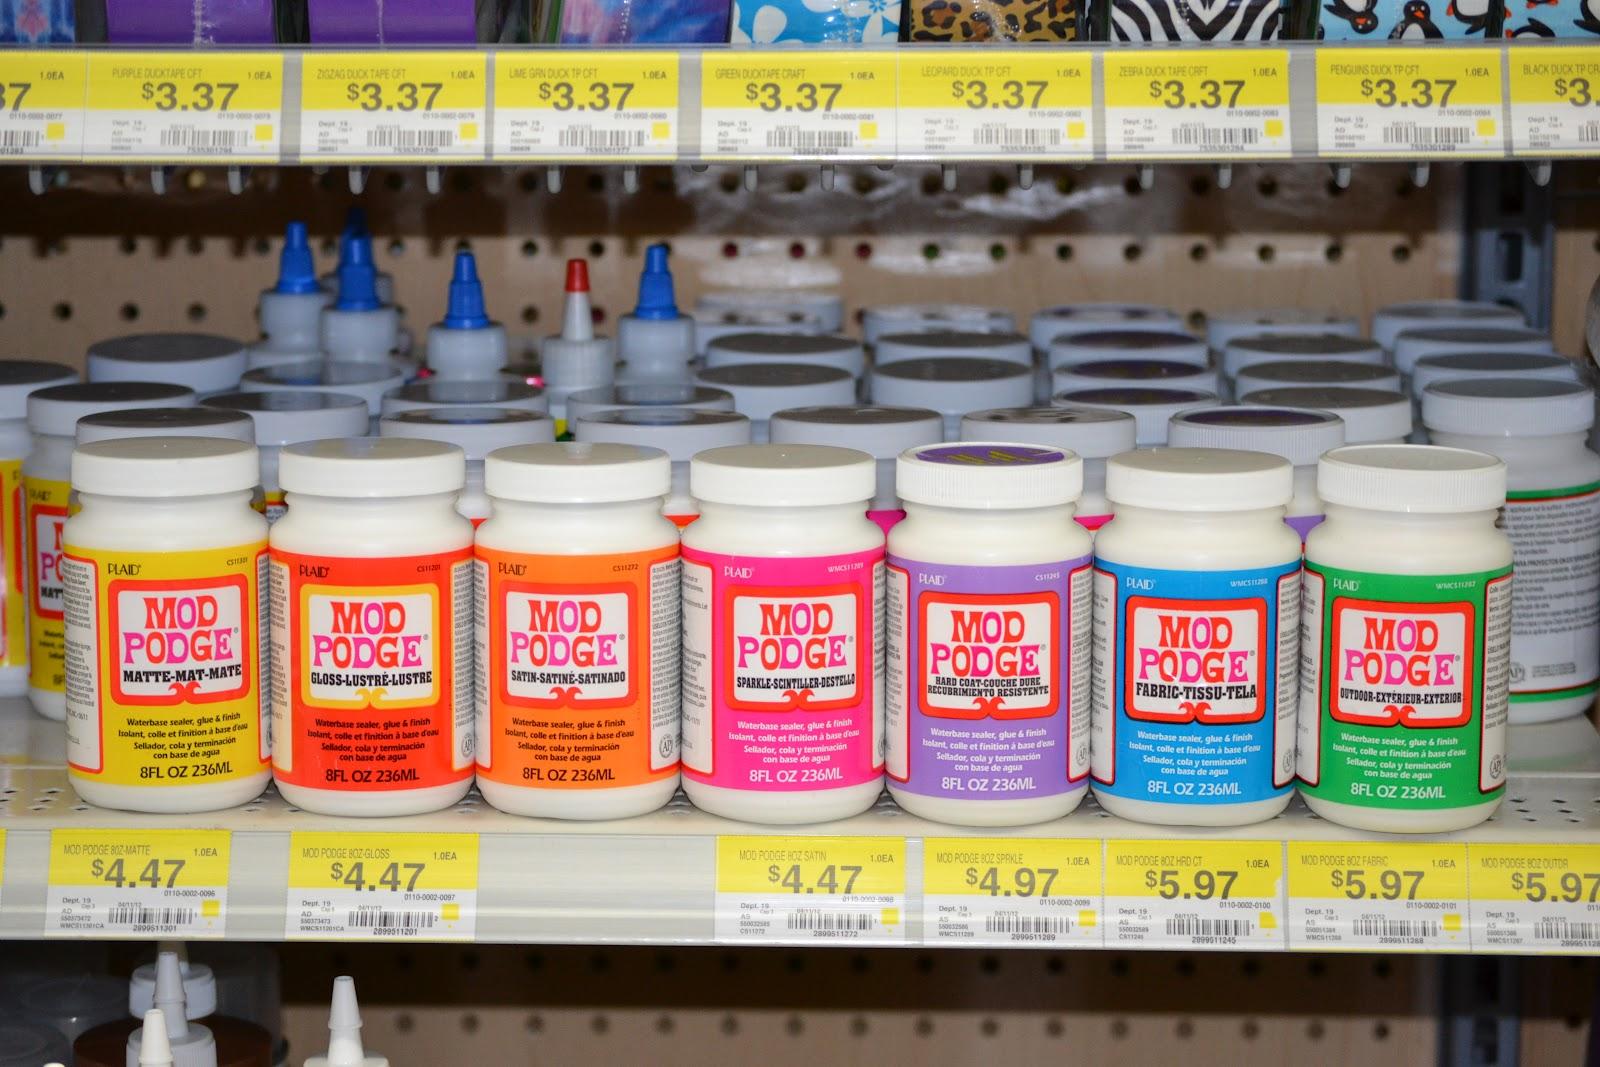 46+ Wallpaper Paste Walmart on WallpaperSafari